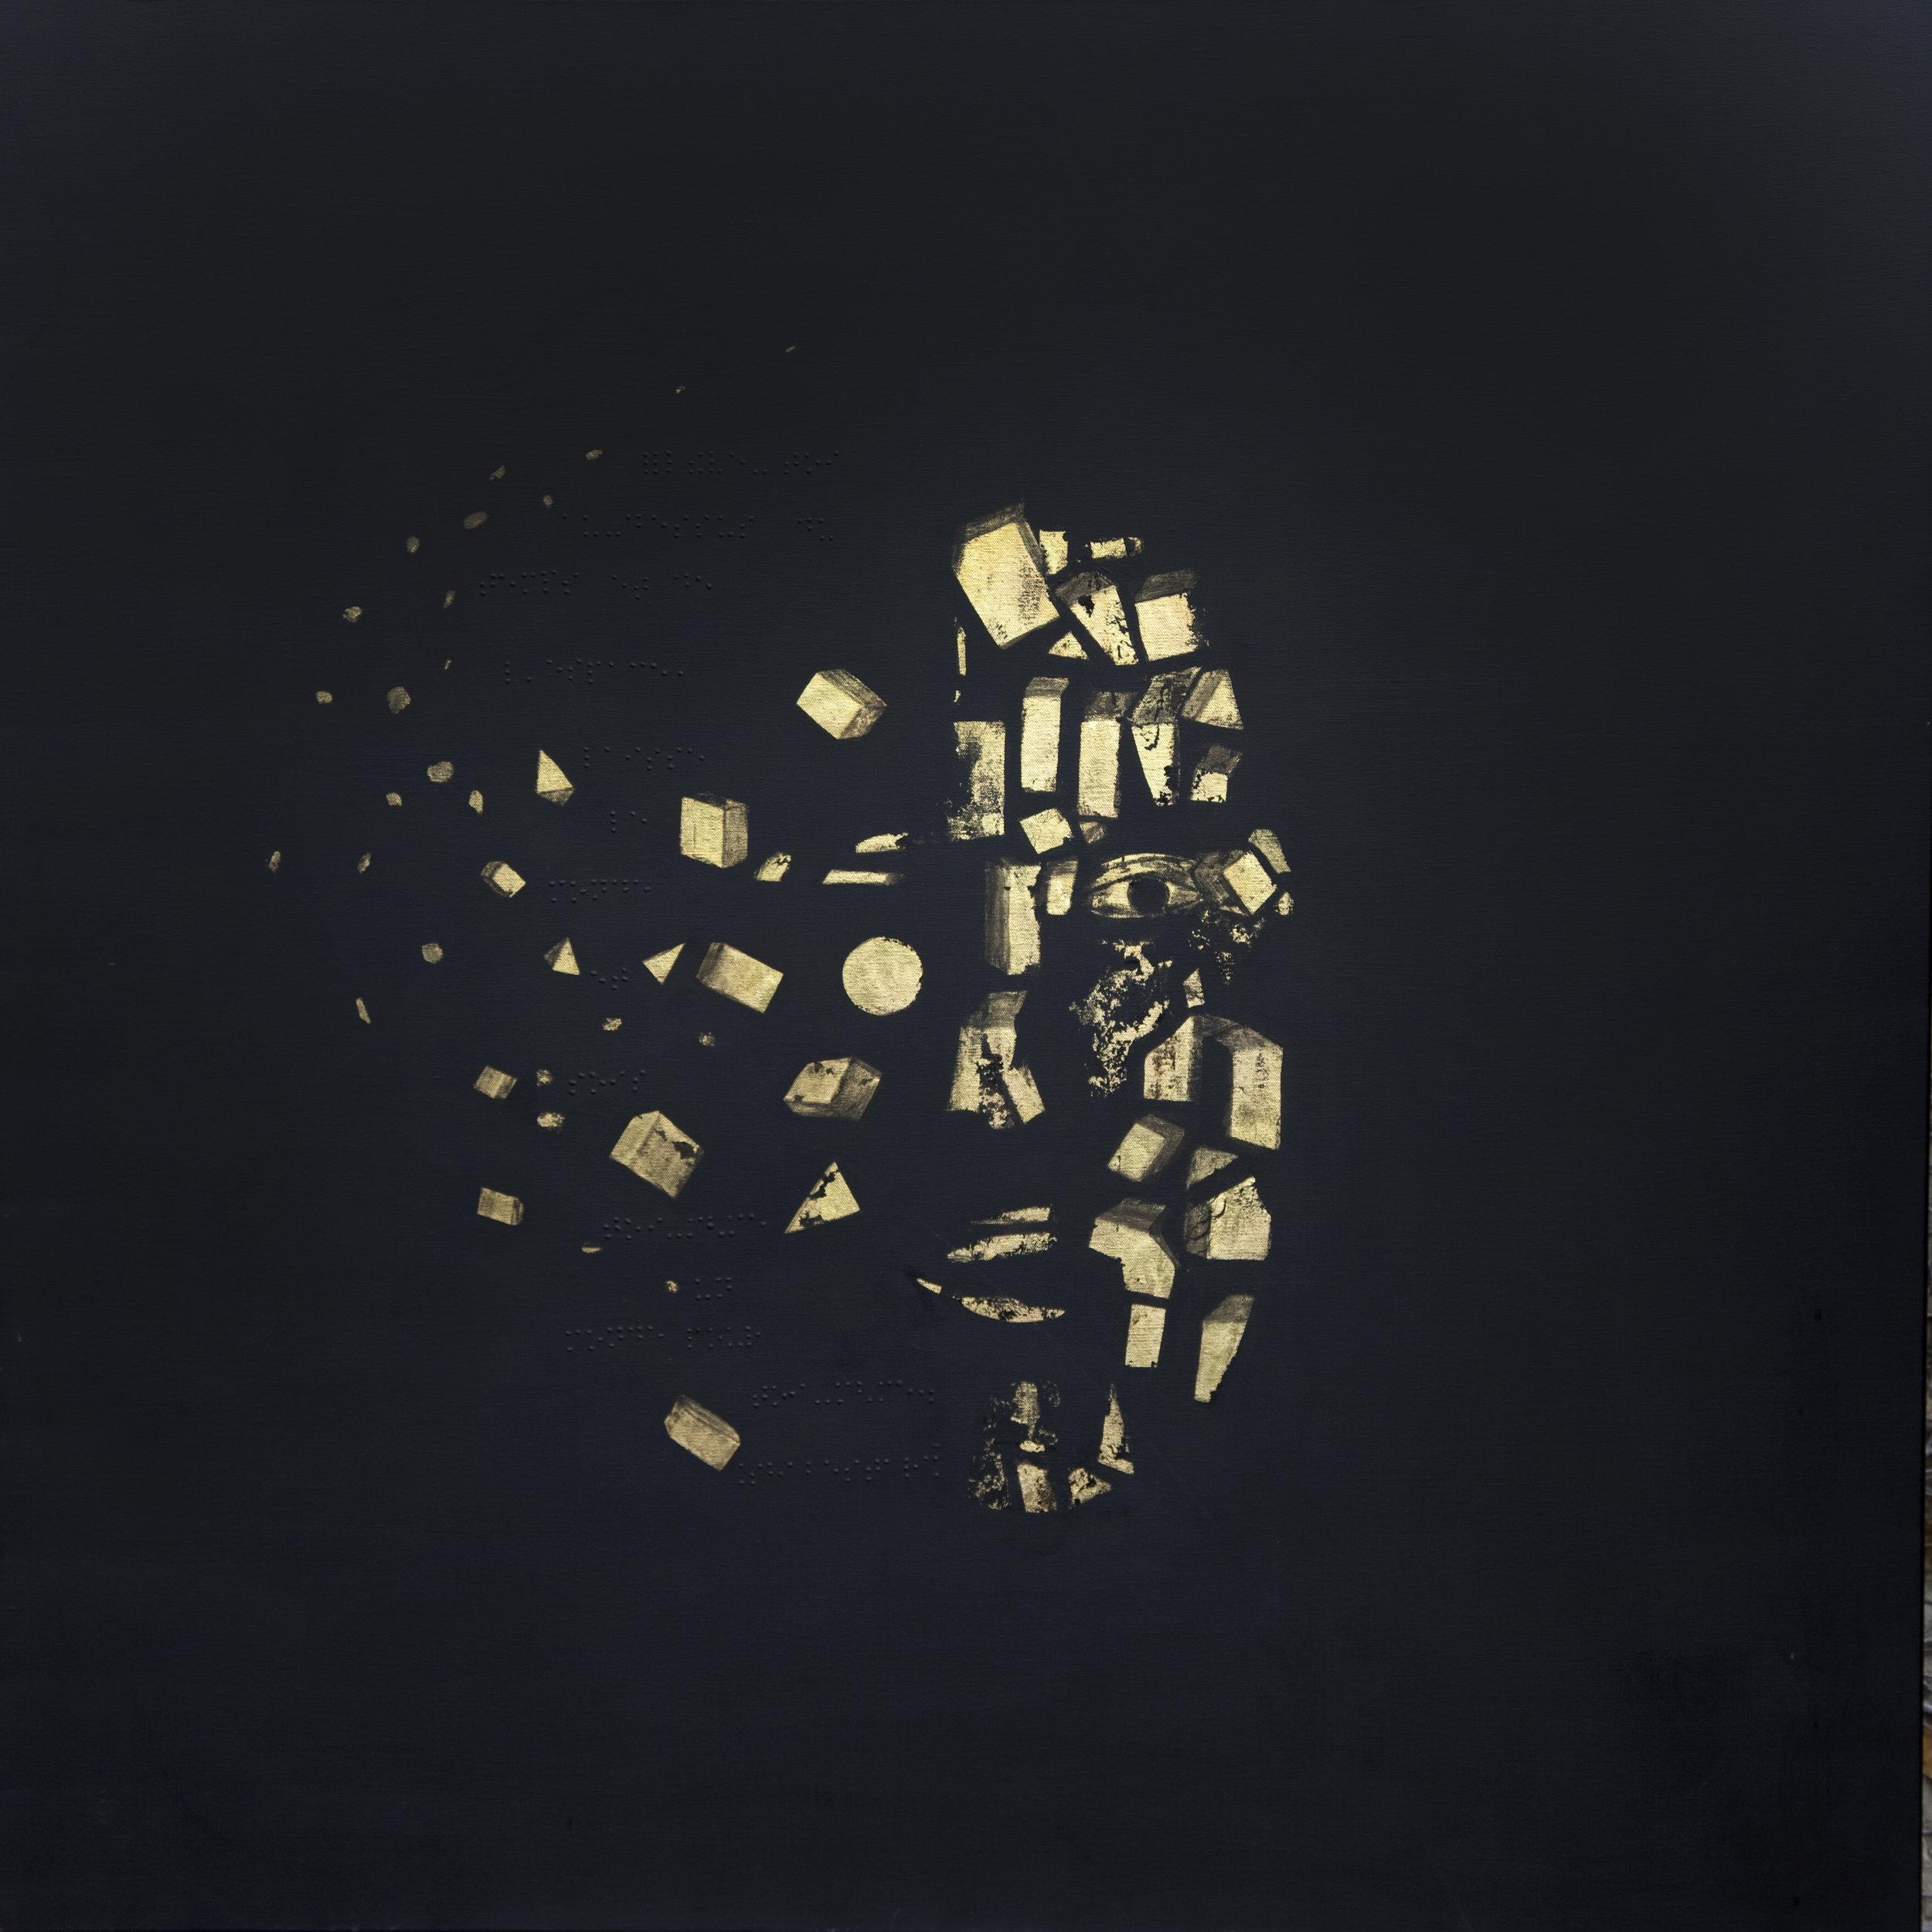 Disparition/Apparition - « Elève- toi au- dessus du temps et de l'espace,laisse le monde et sois toi-même un mondepour toi-même. » Mahmûd Shabestarî.